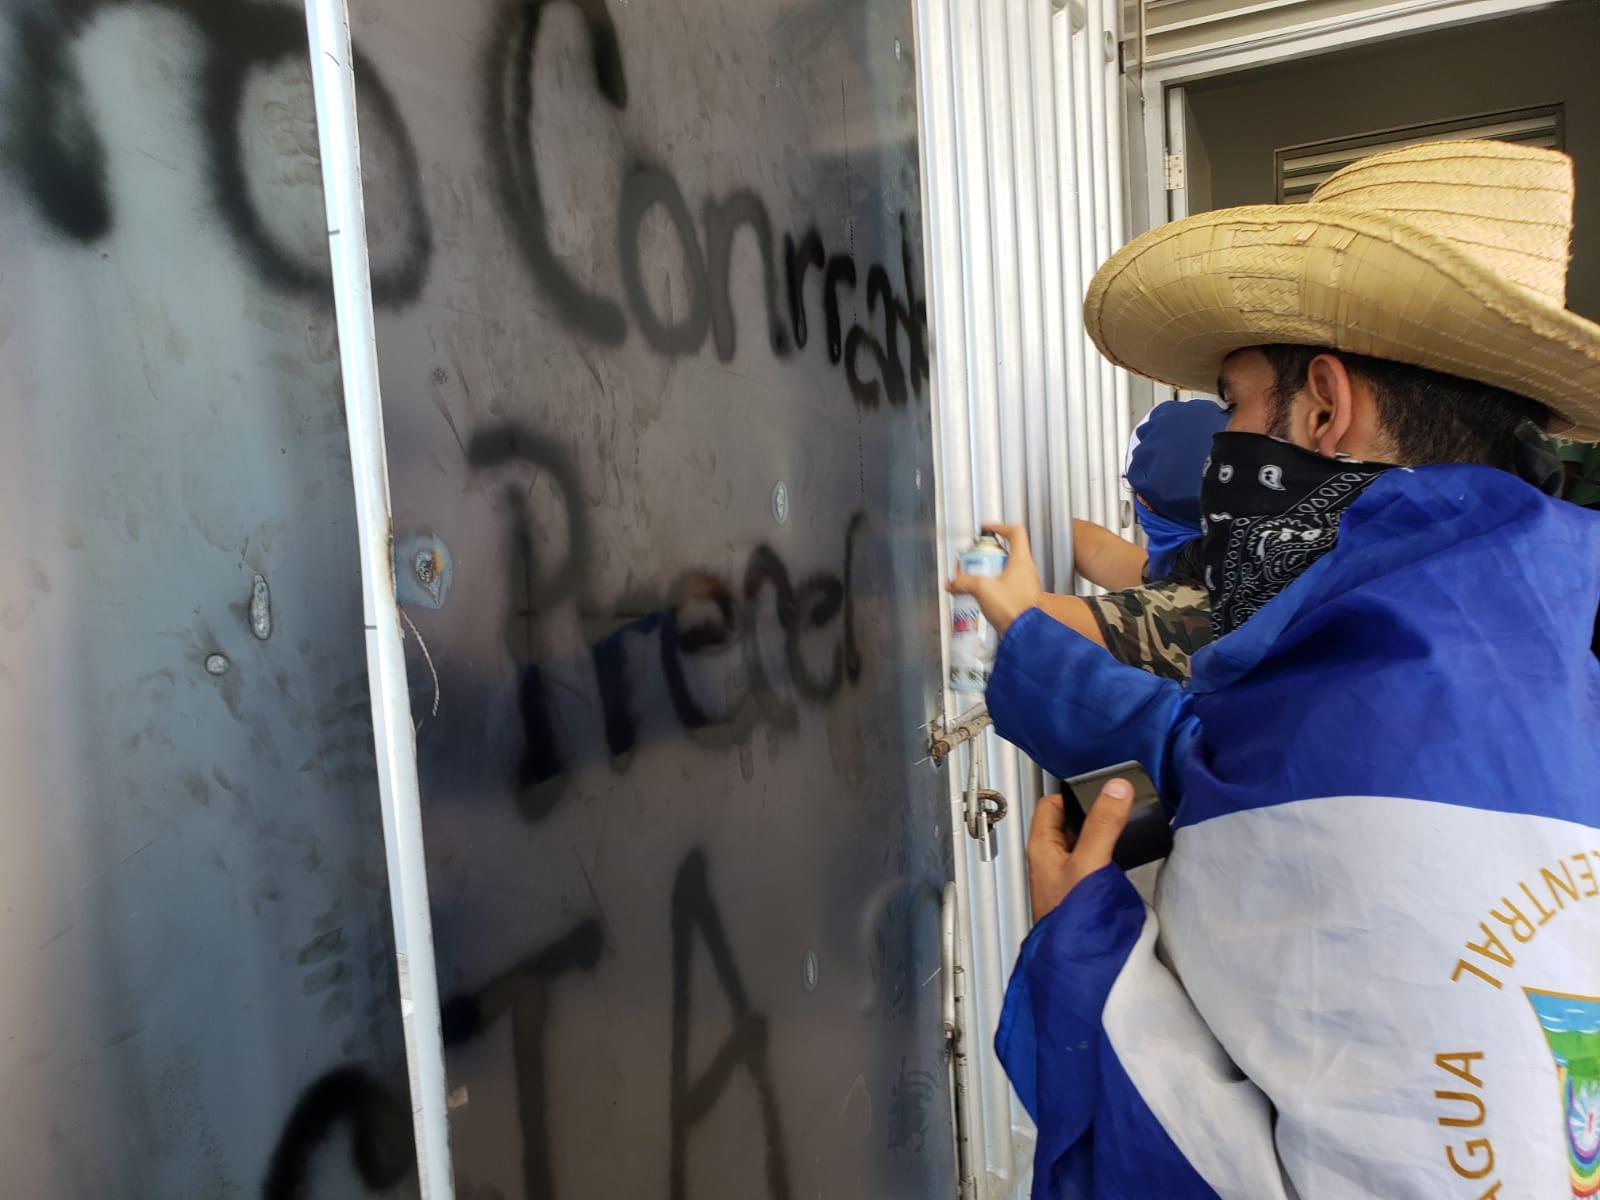 Los universitarios como una nueva forma de protesta realizaron pintas en uno de los portones de la UCA. Foto: G. Shiffman / Artículo 66